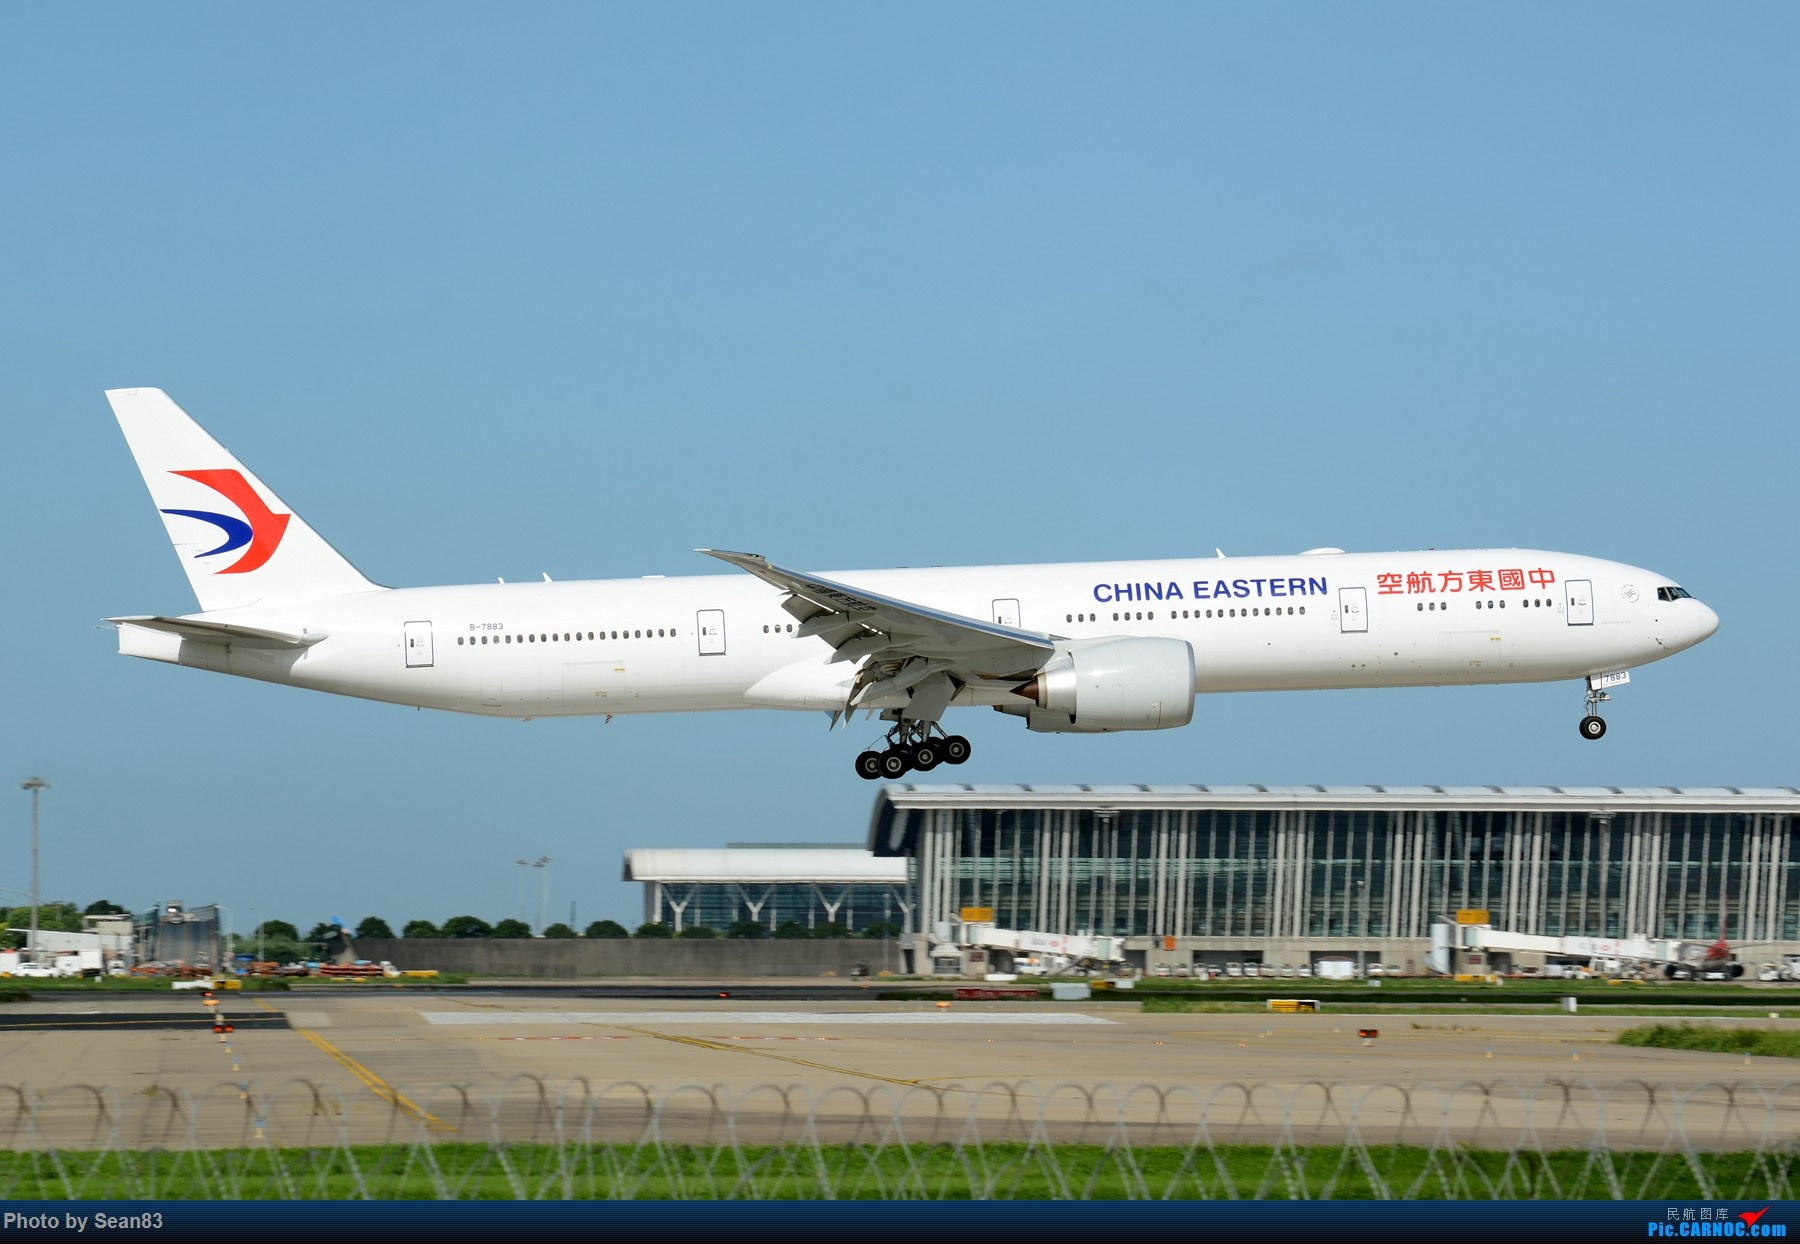 [原创](PVG 1800*)七夕发个777 BOEING 777-300ER B-7883 上海浦东国际机场